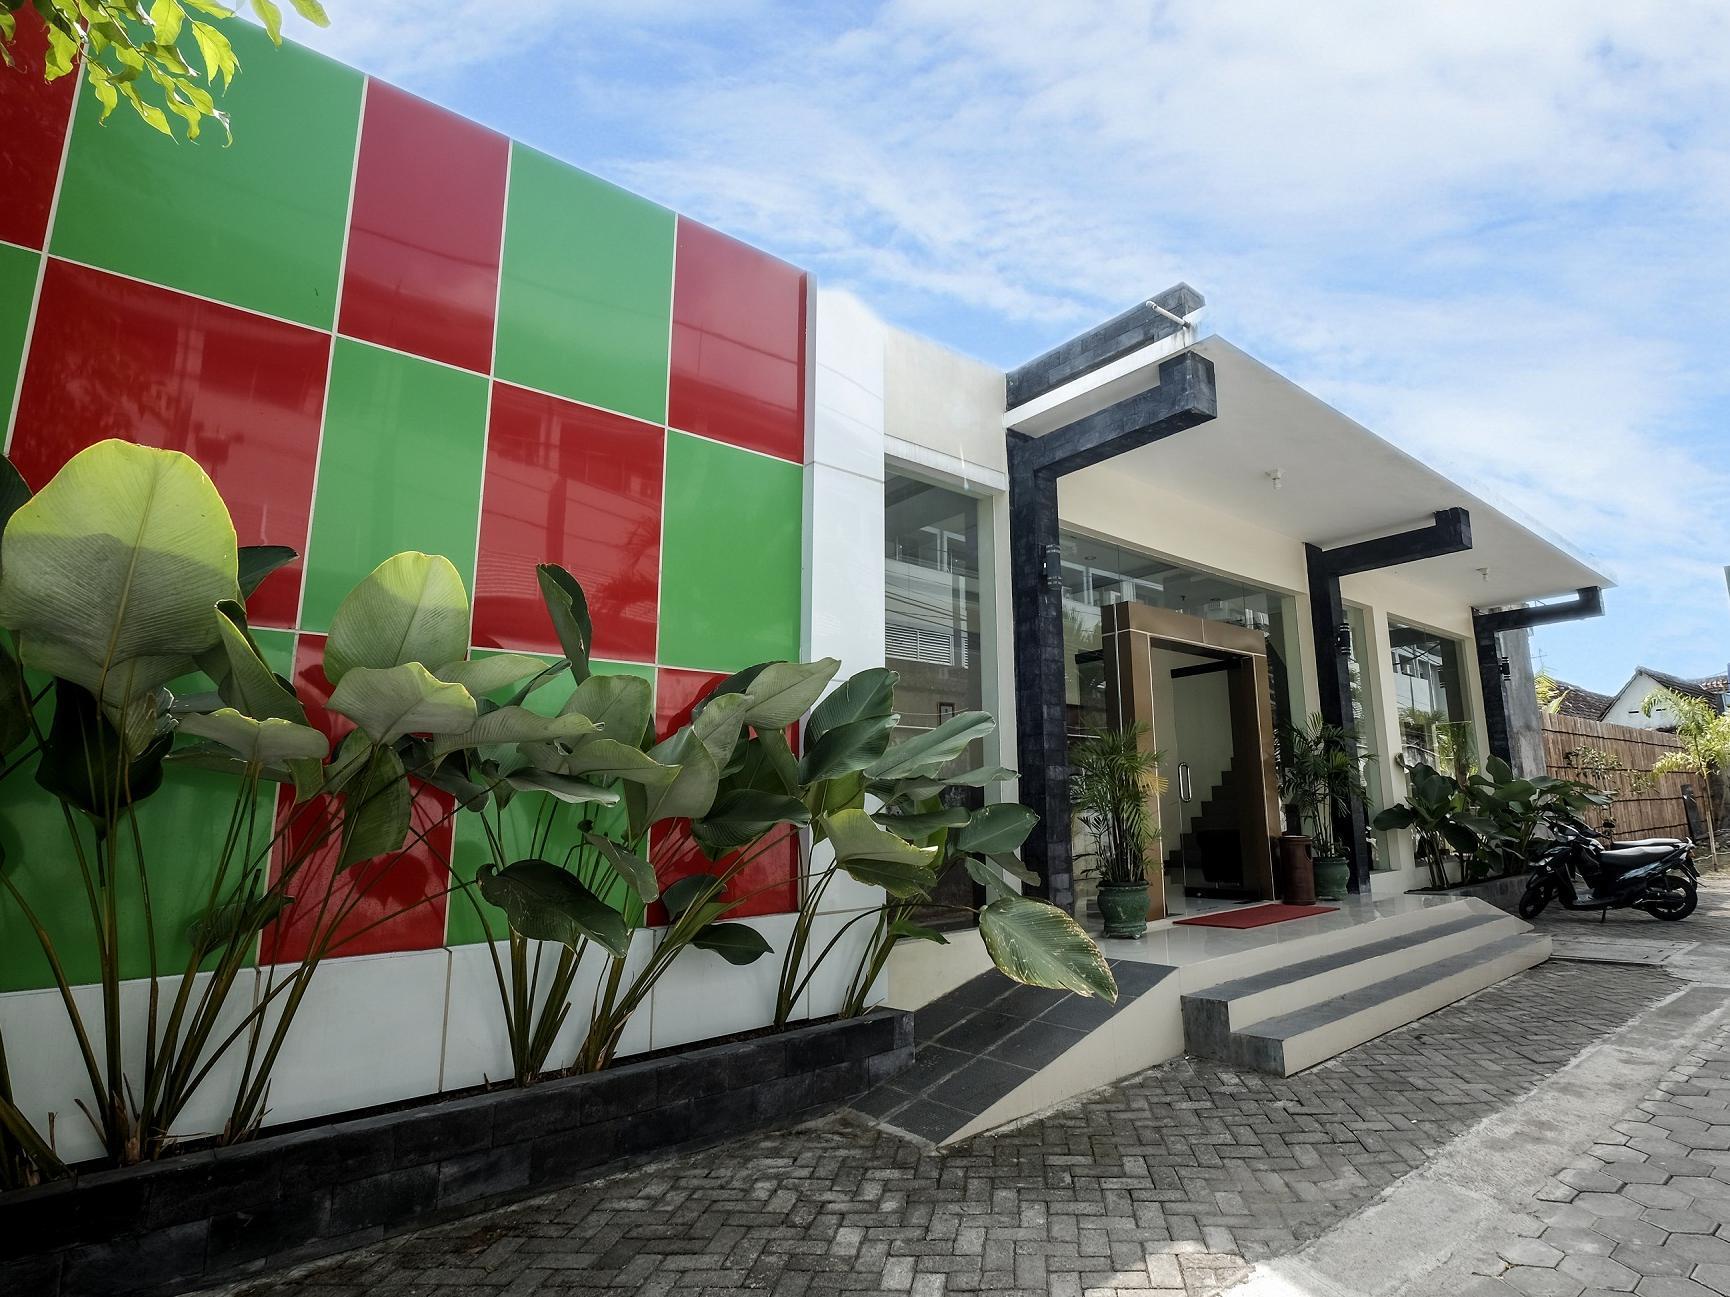 Malioboro Garden Hotel Yogyakarta Yogyakarta Indonesia